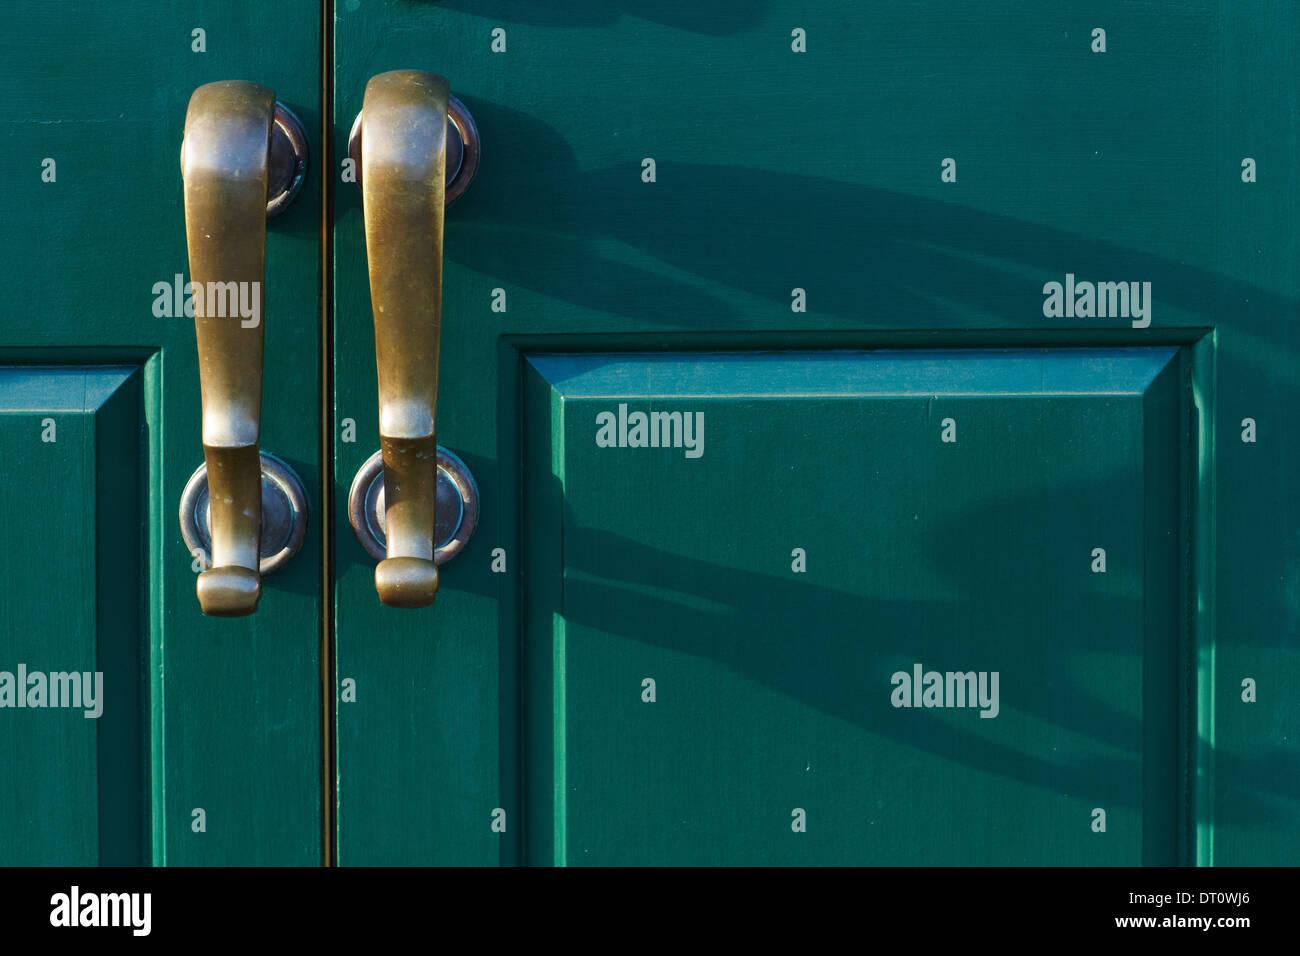 Bronze handles cast shadows on the green door - Stock Image